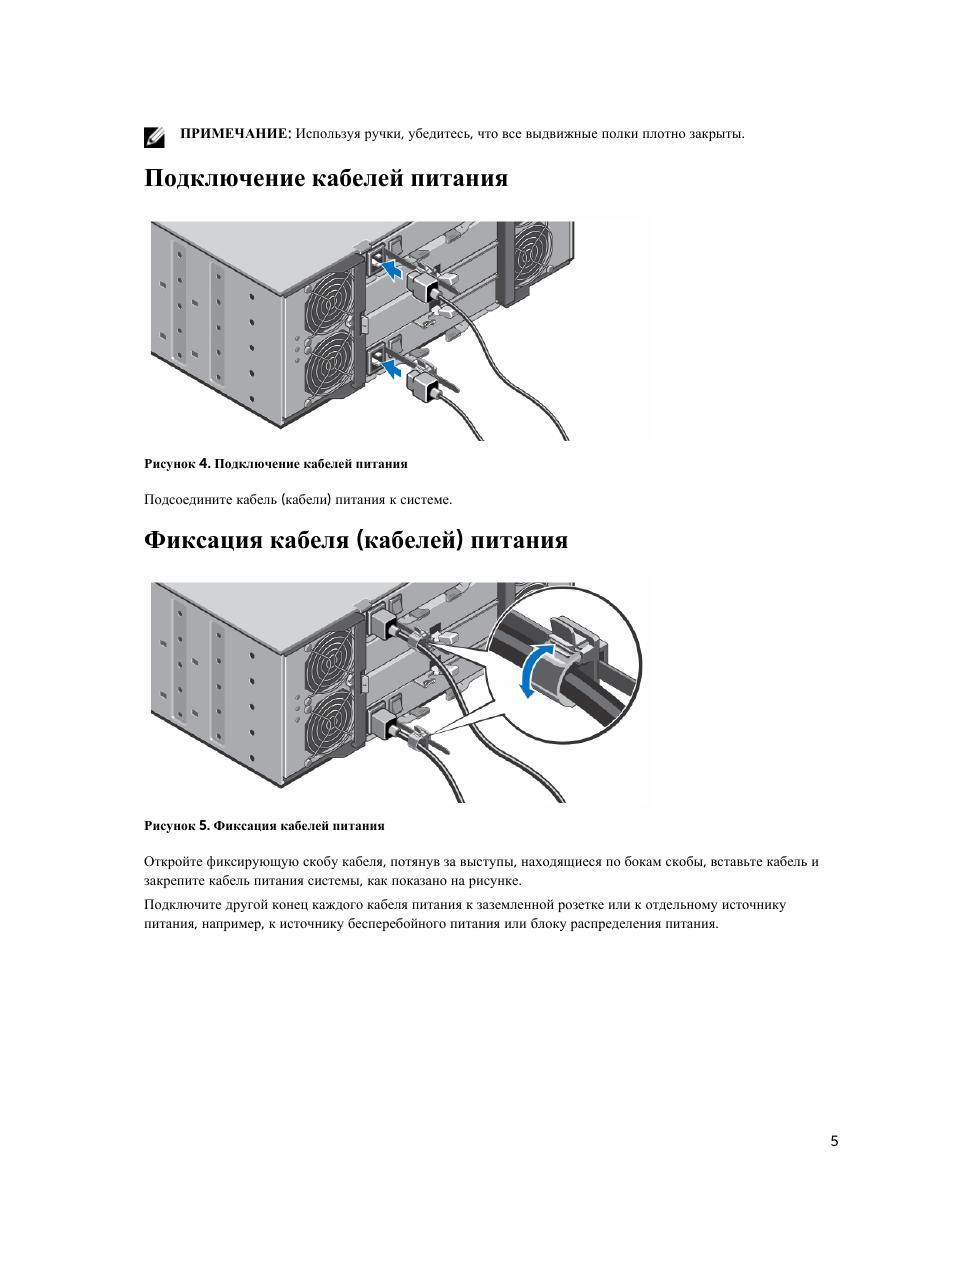 Подключение кабелей питания, Фиксация кабеля (кабелей) питания, Фиксация кабеля ( кабелей ) питания